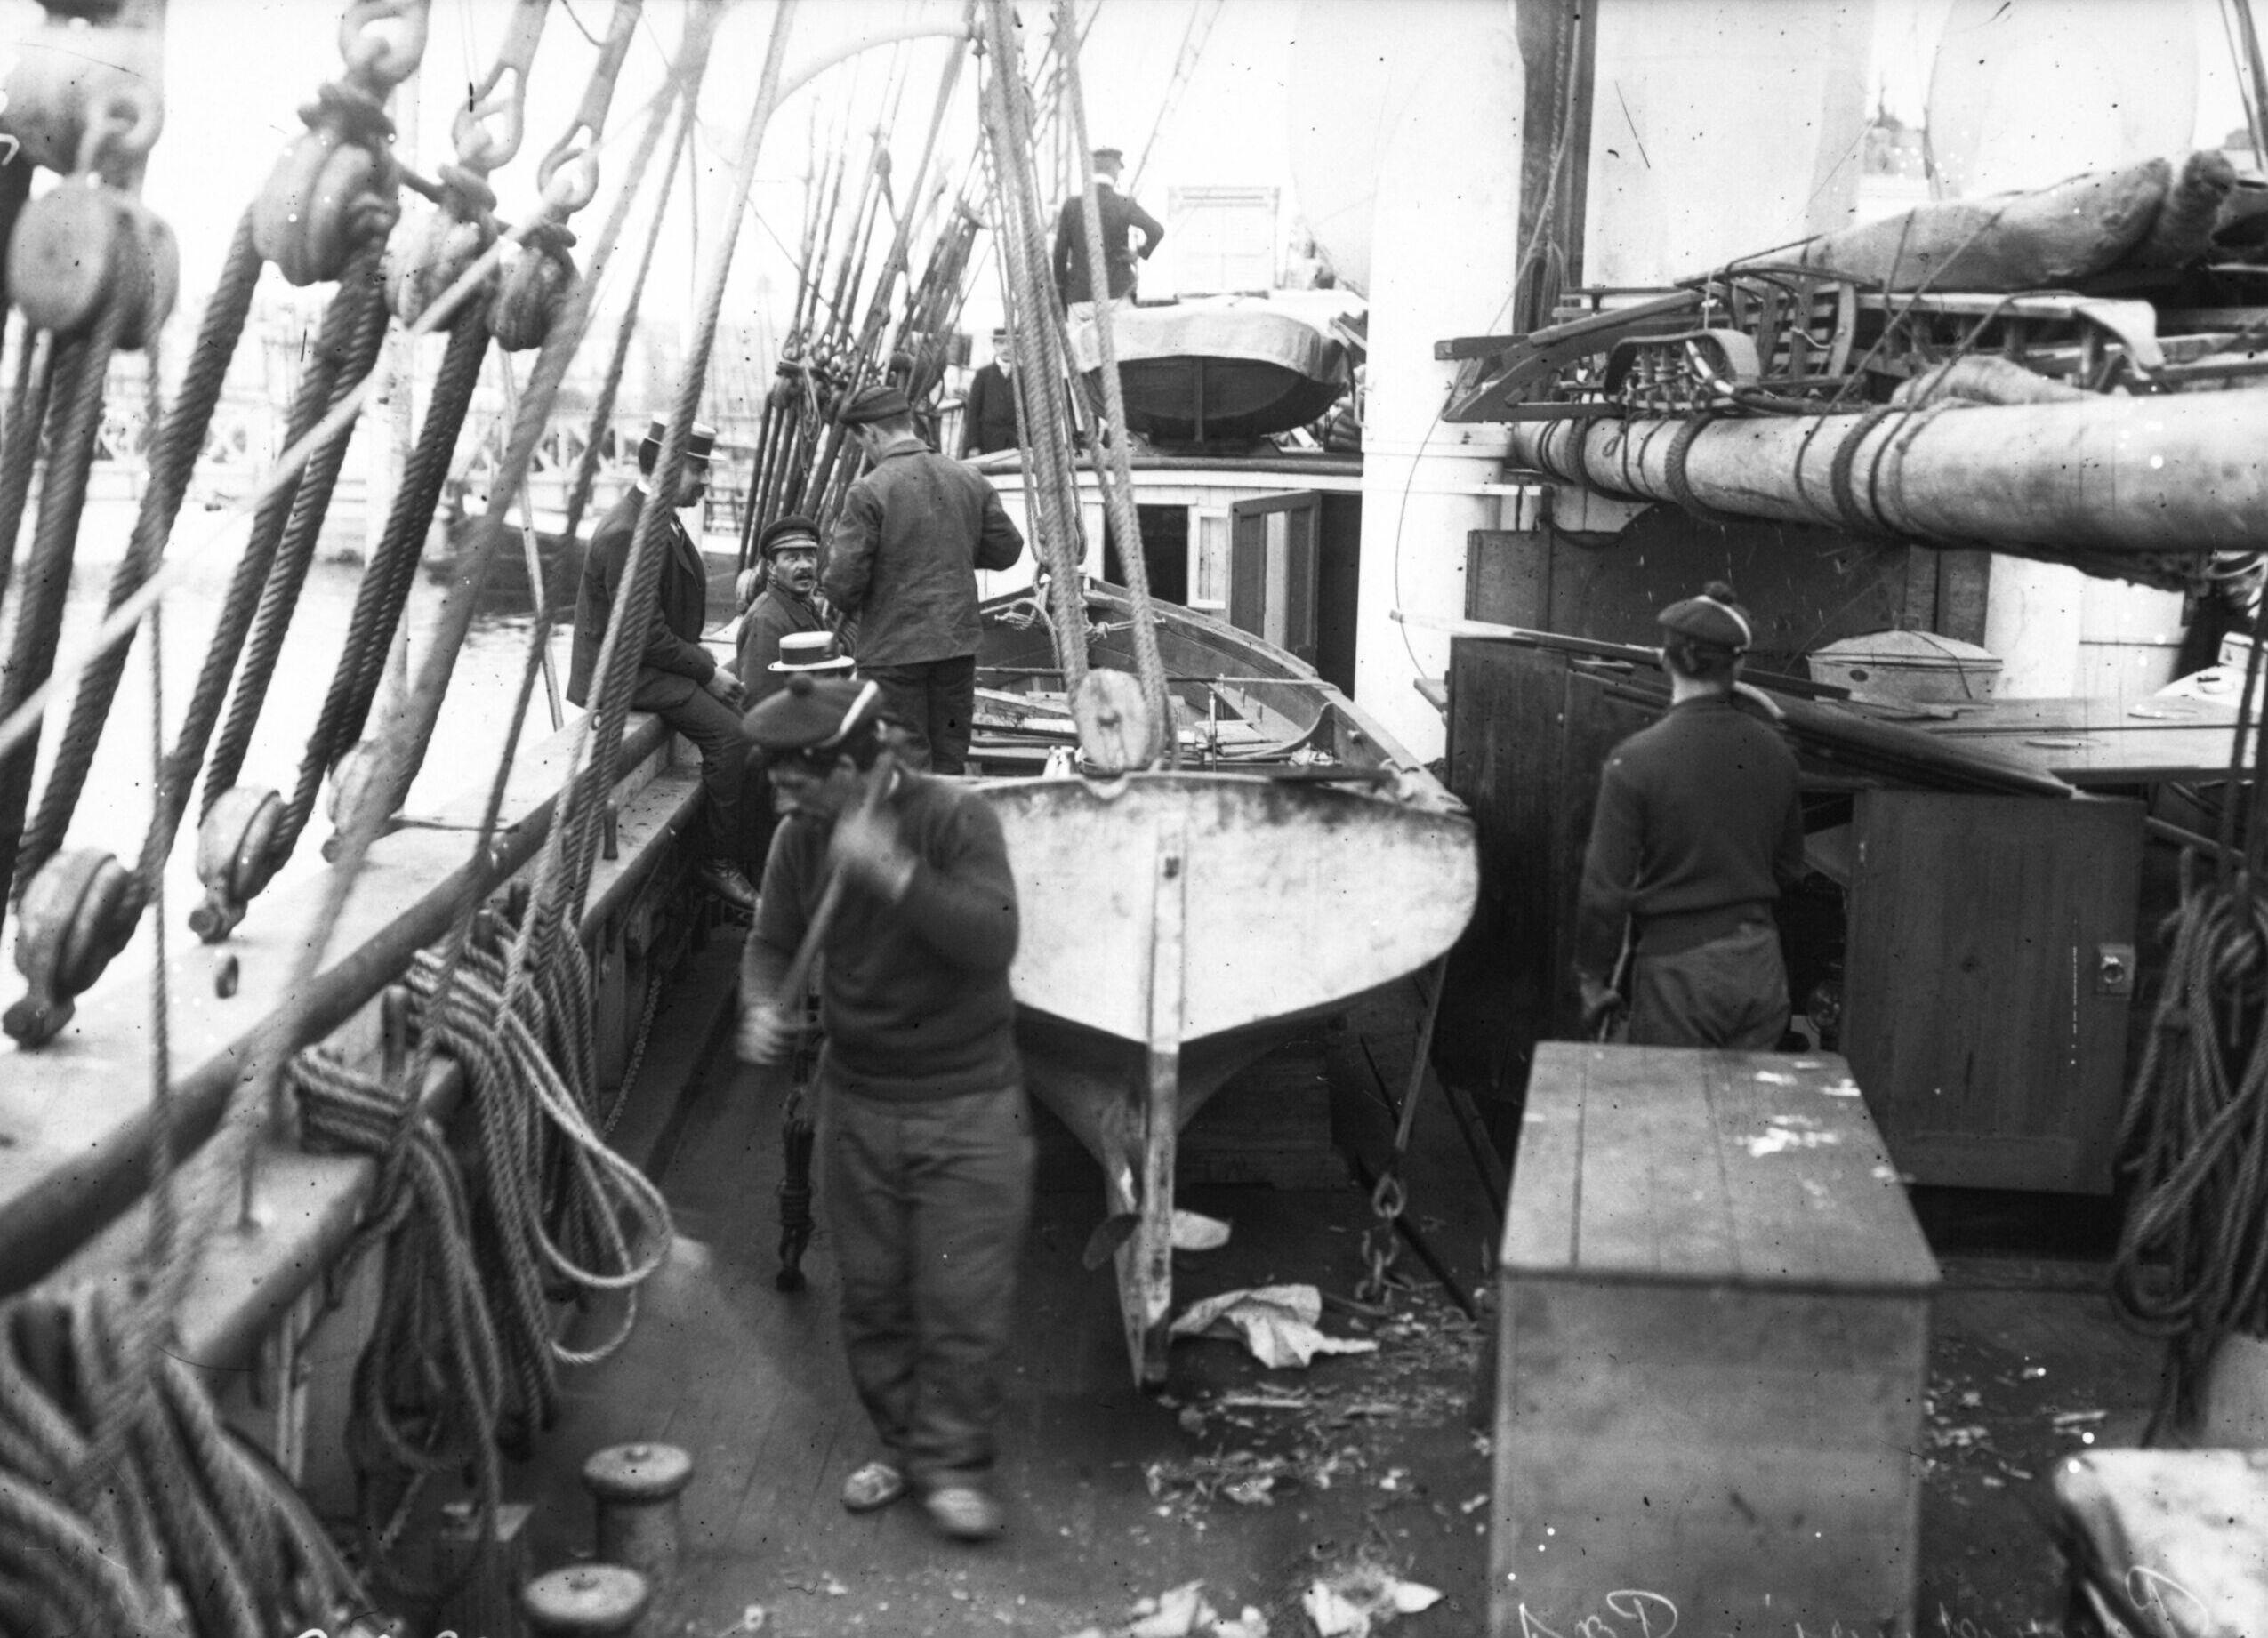 Sur le pont du navire (15 août 1908)